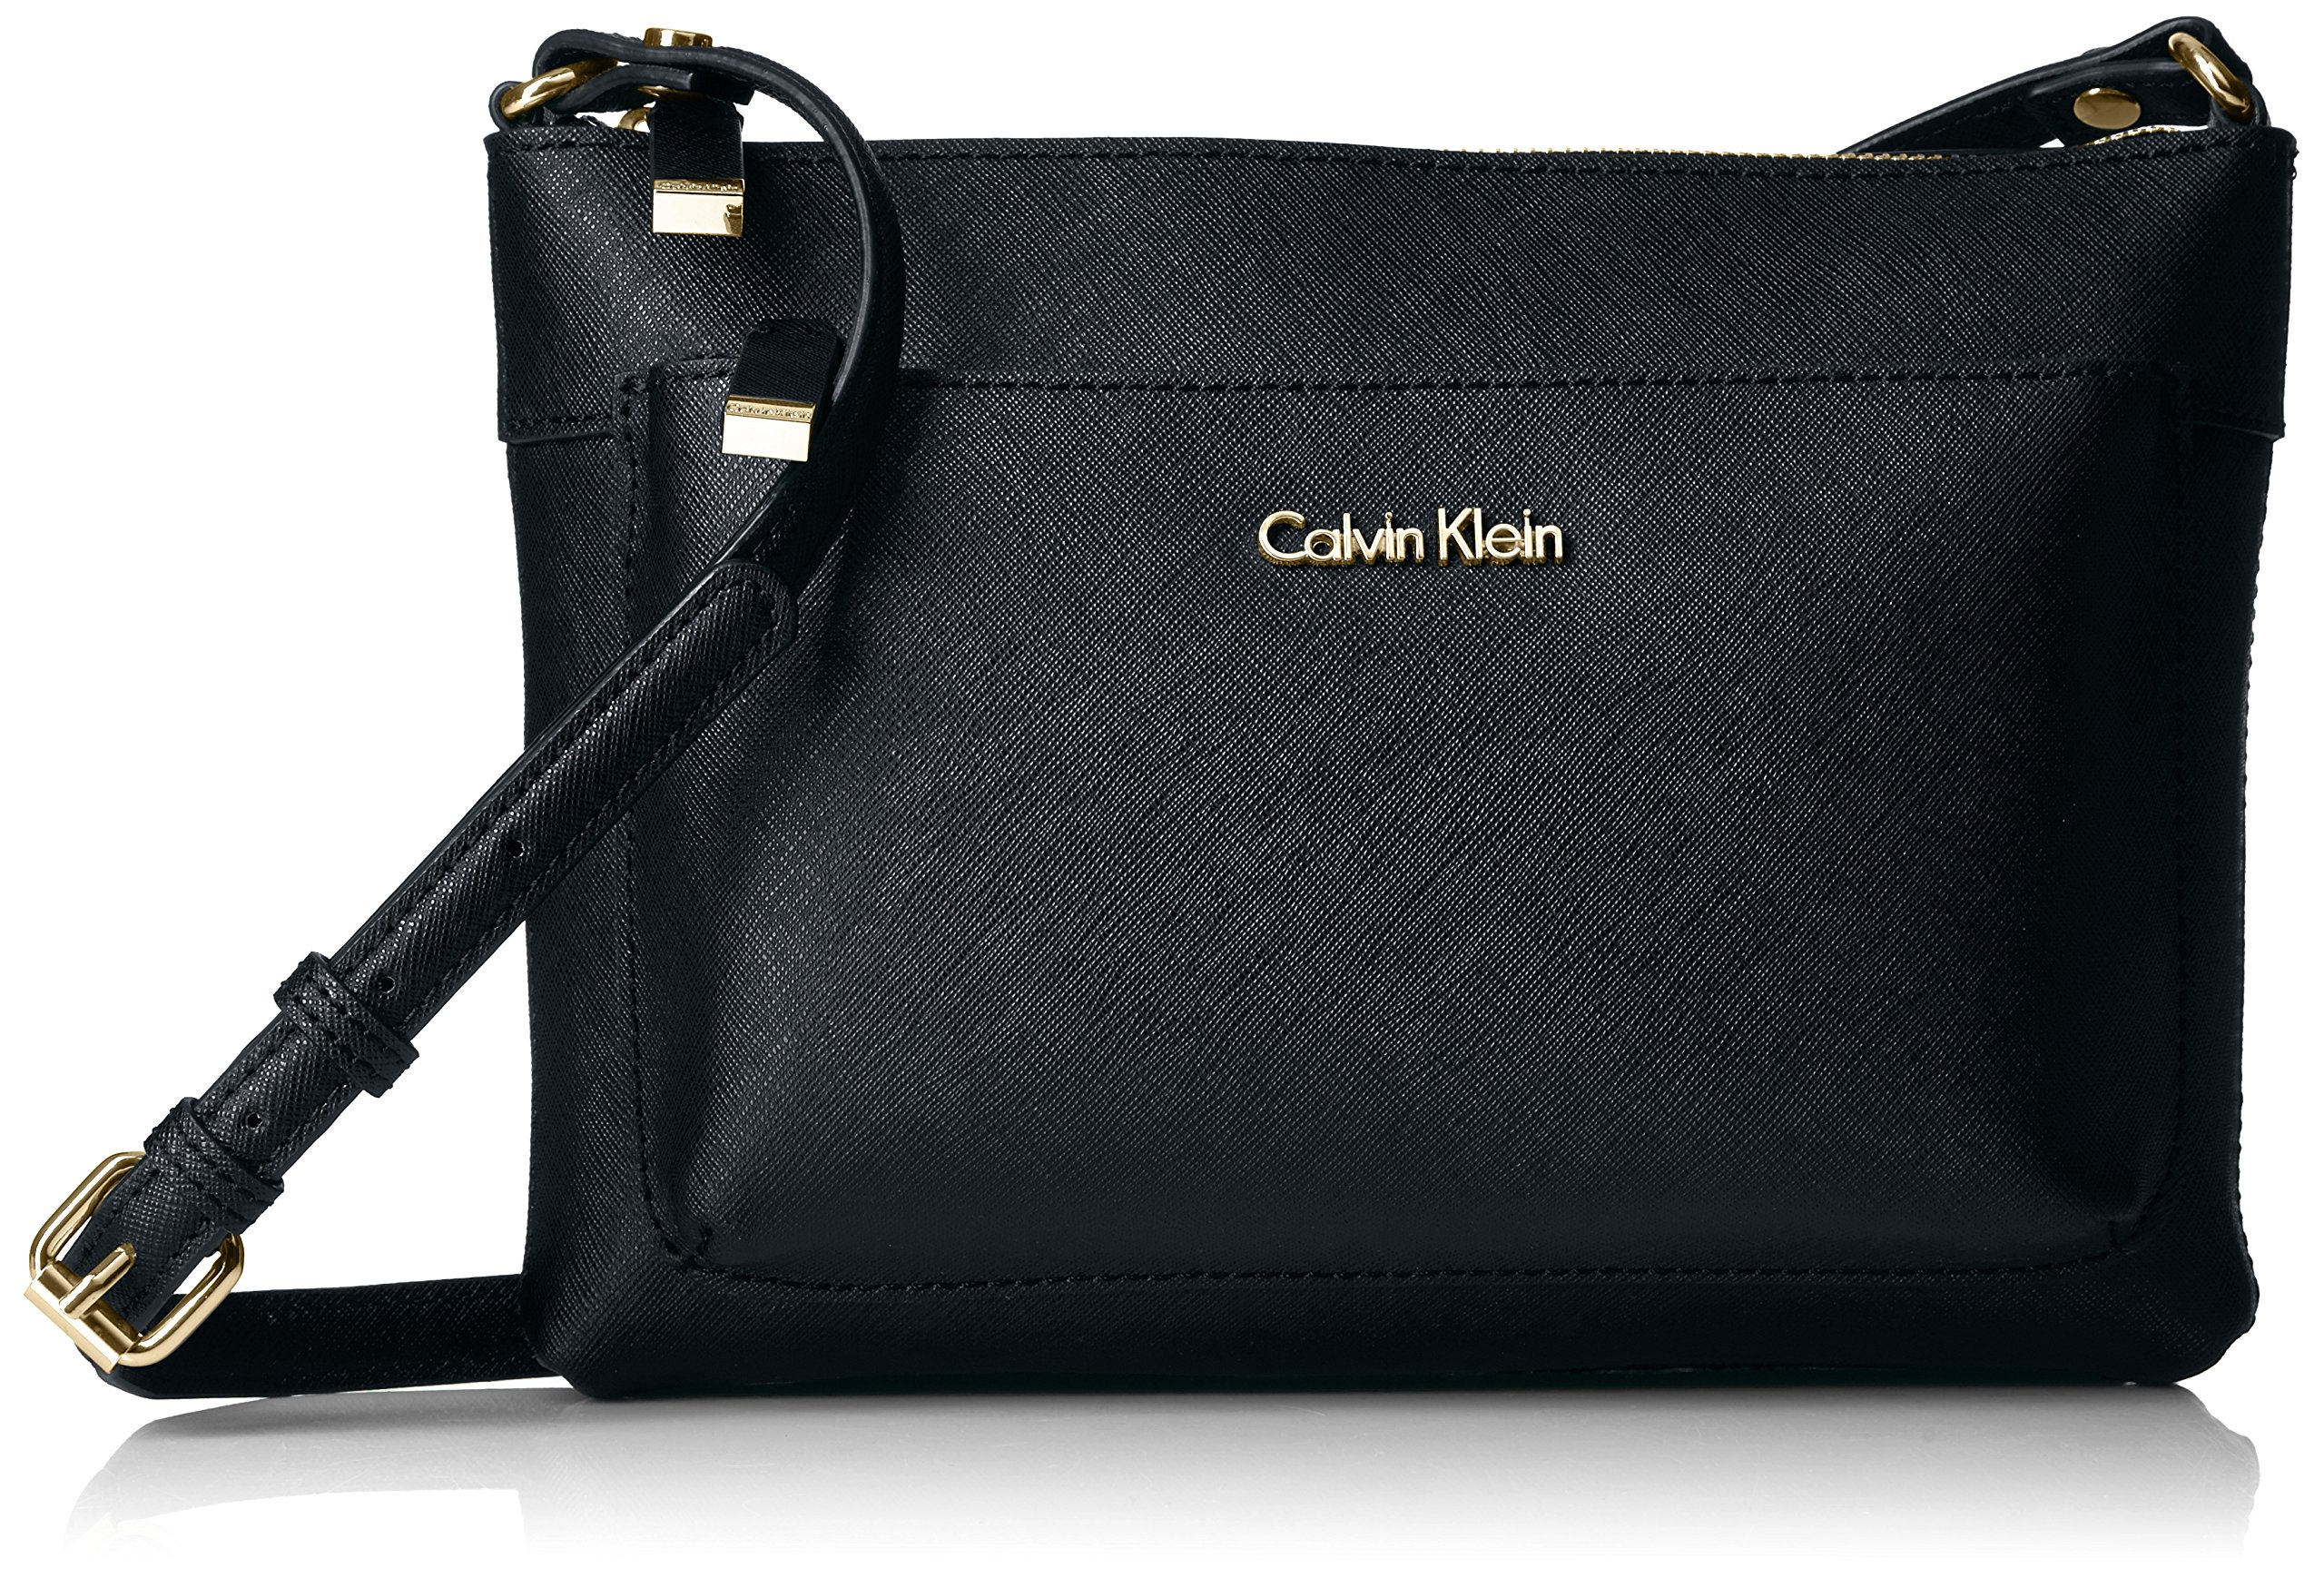 Calvin Klein Saffiano Top Zip Org Crossbody